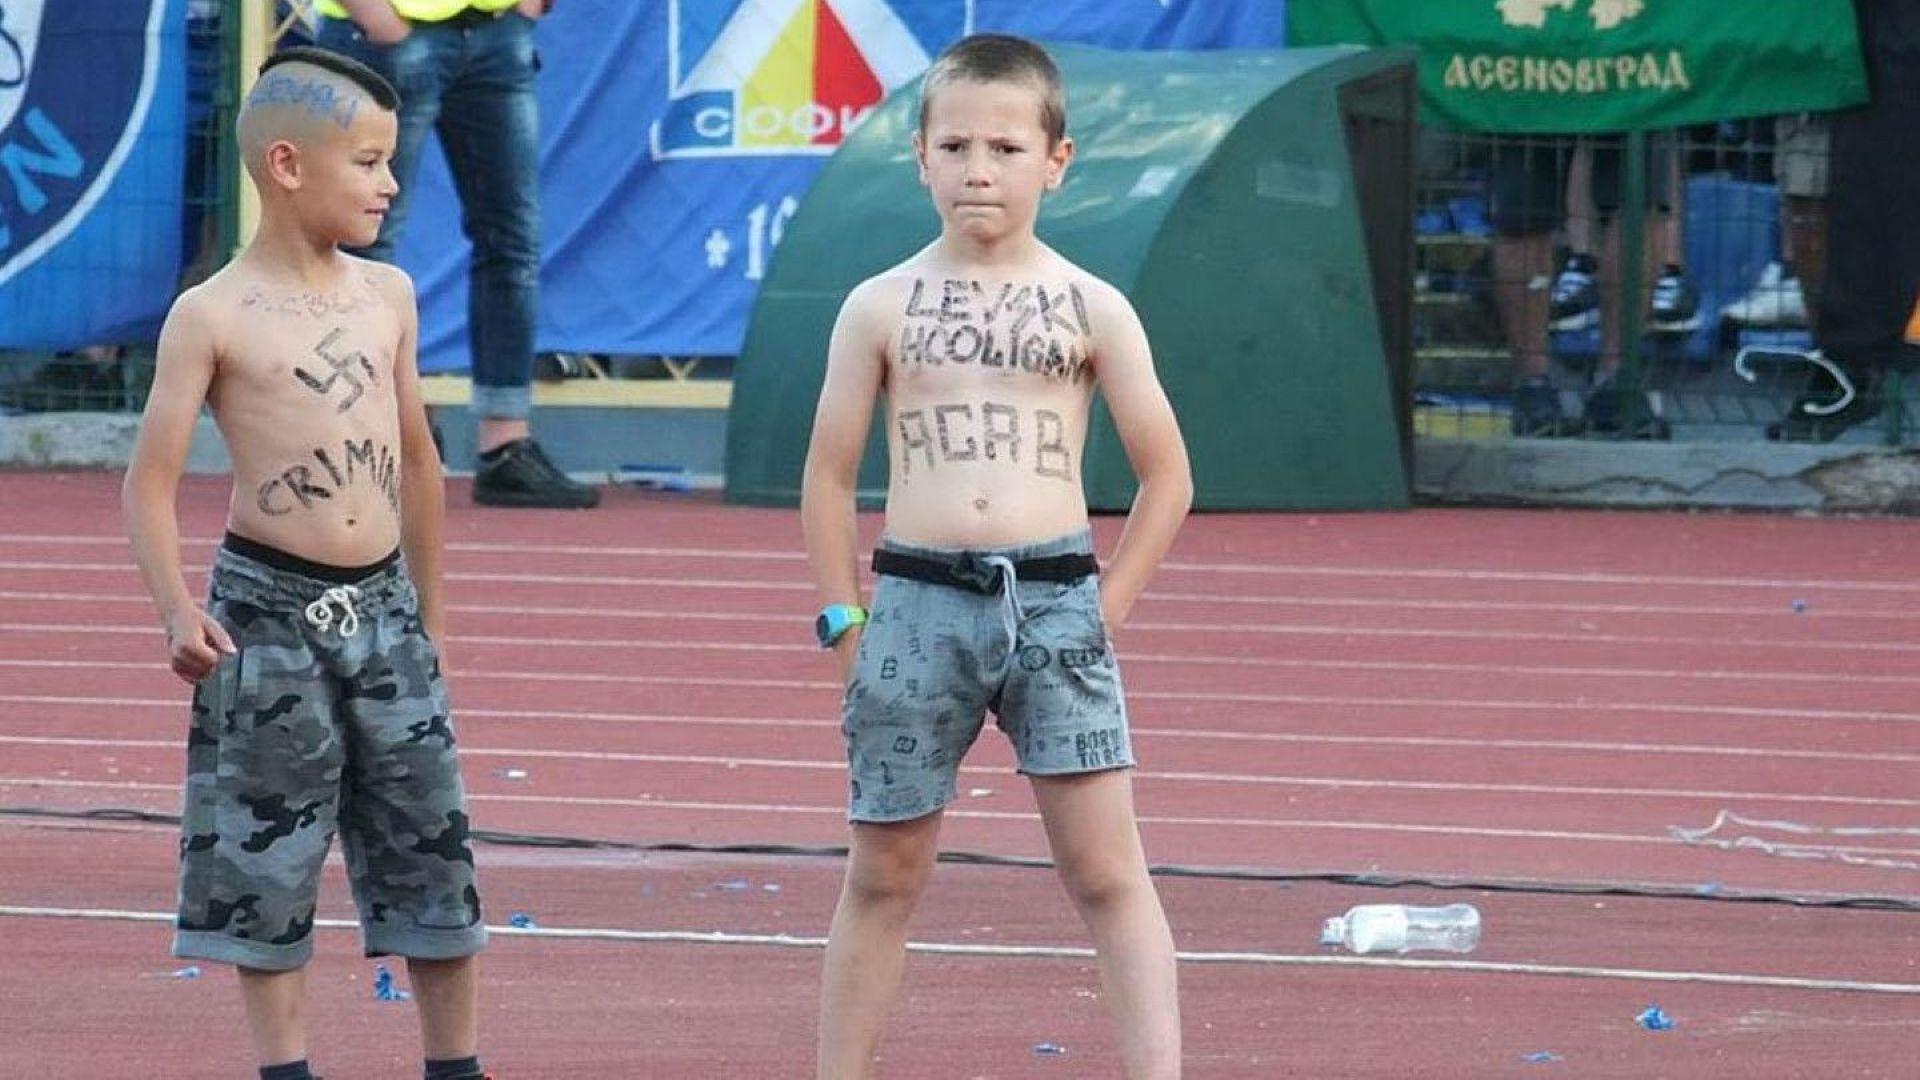 ДАЗД започва проверка на случая с децата на футболната среща Левски - Славия